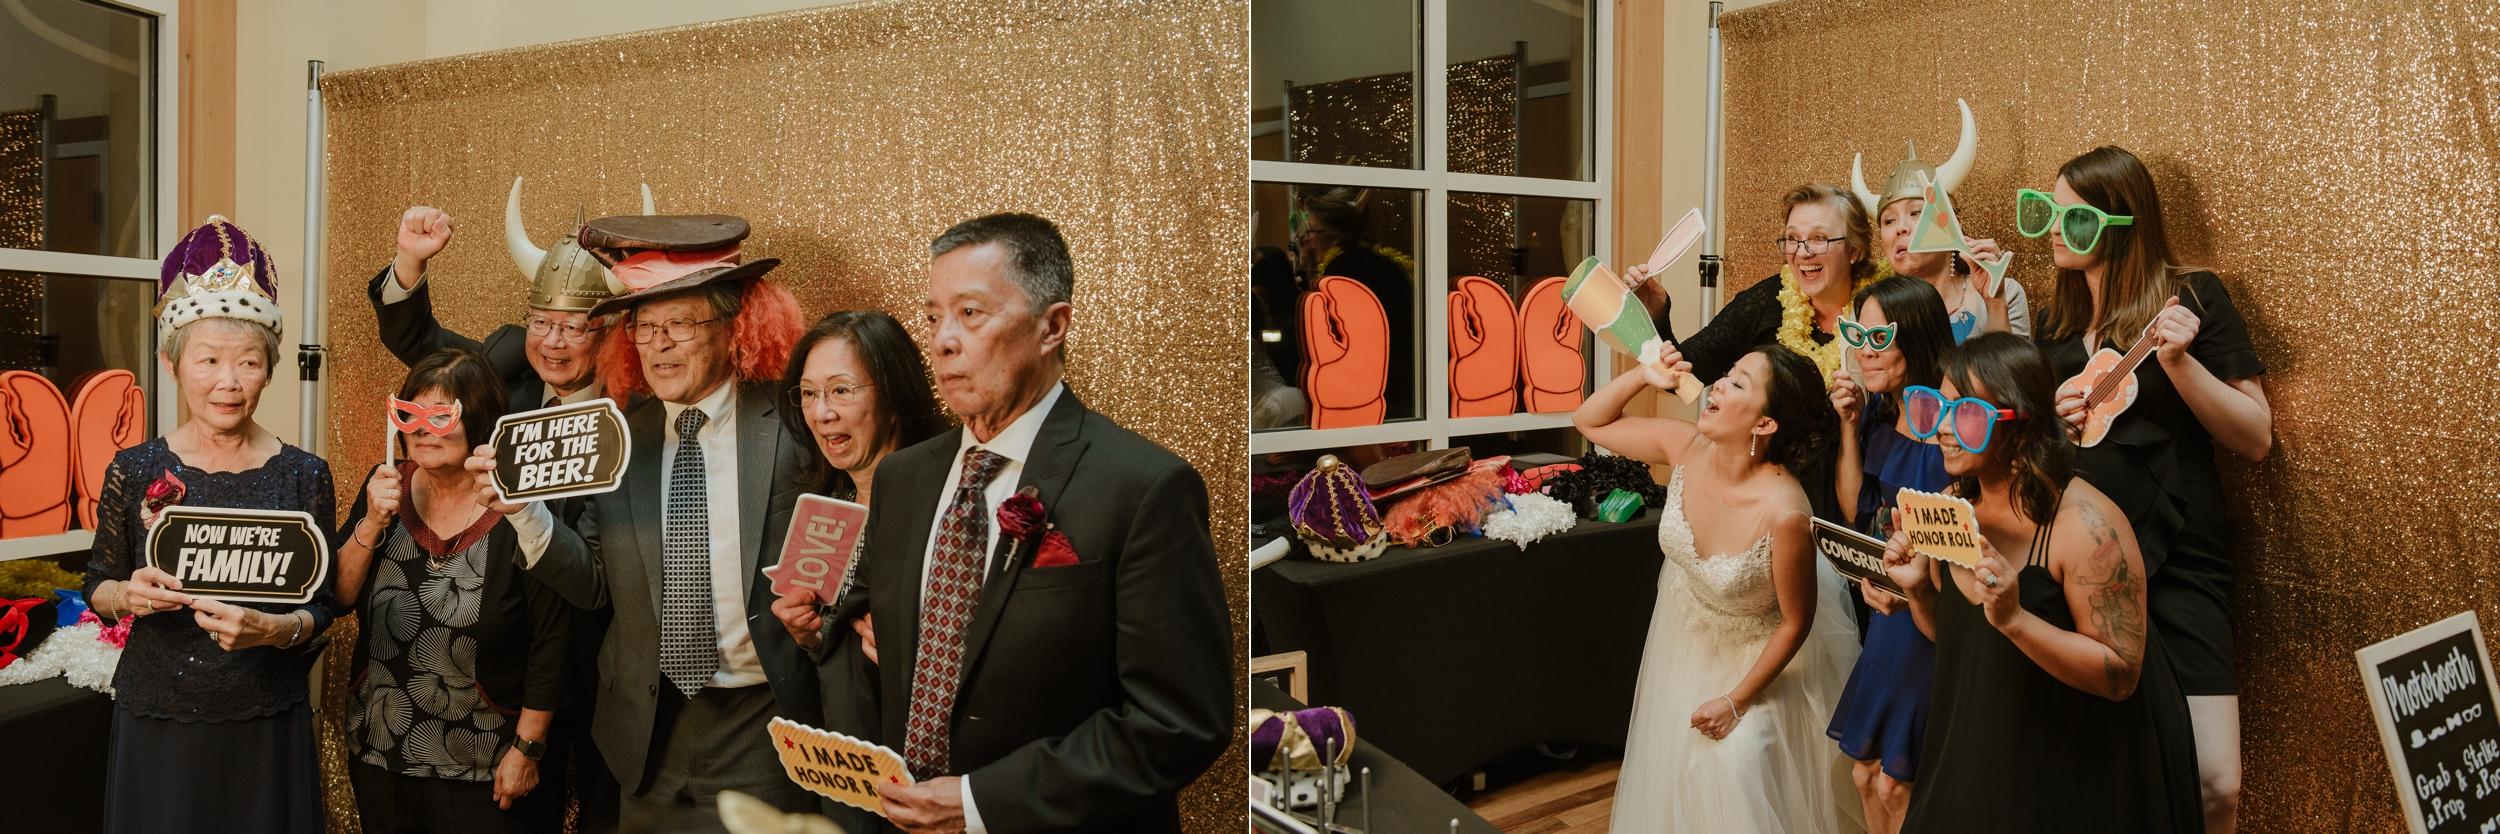 68-old-mill-park-mill-valley-community-center-wedding-vivianchen-786_WEB.jpg